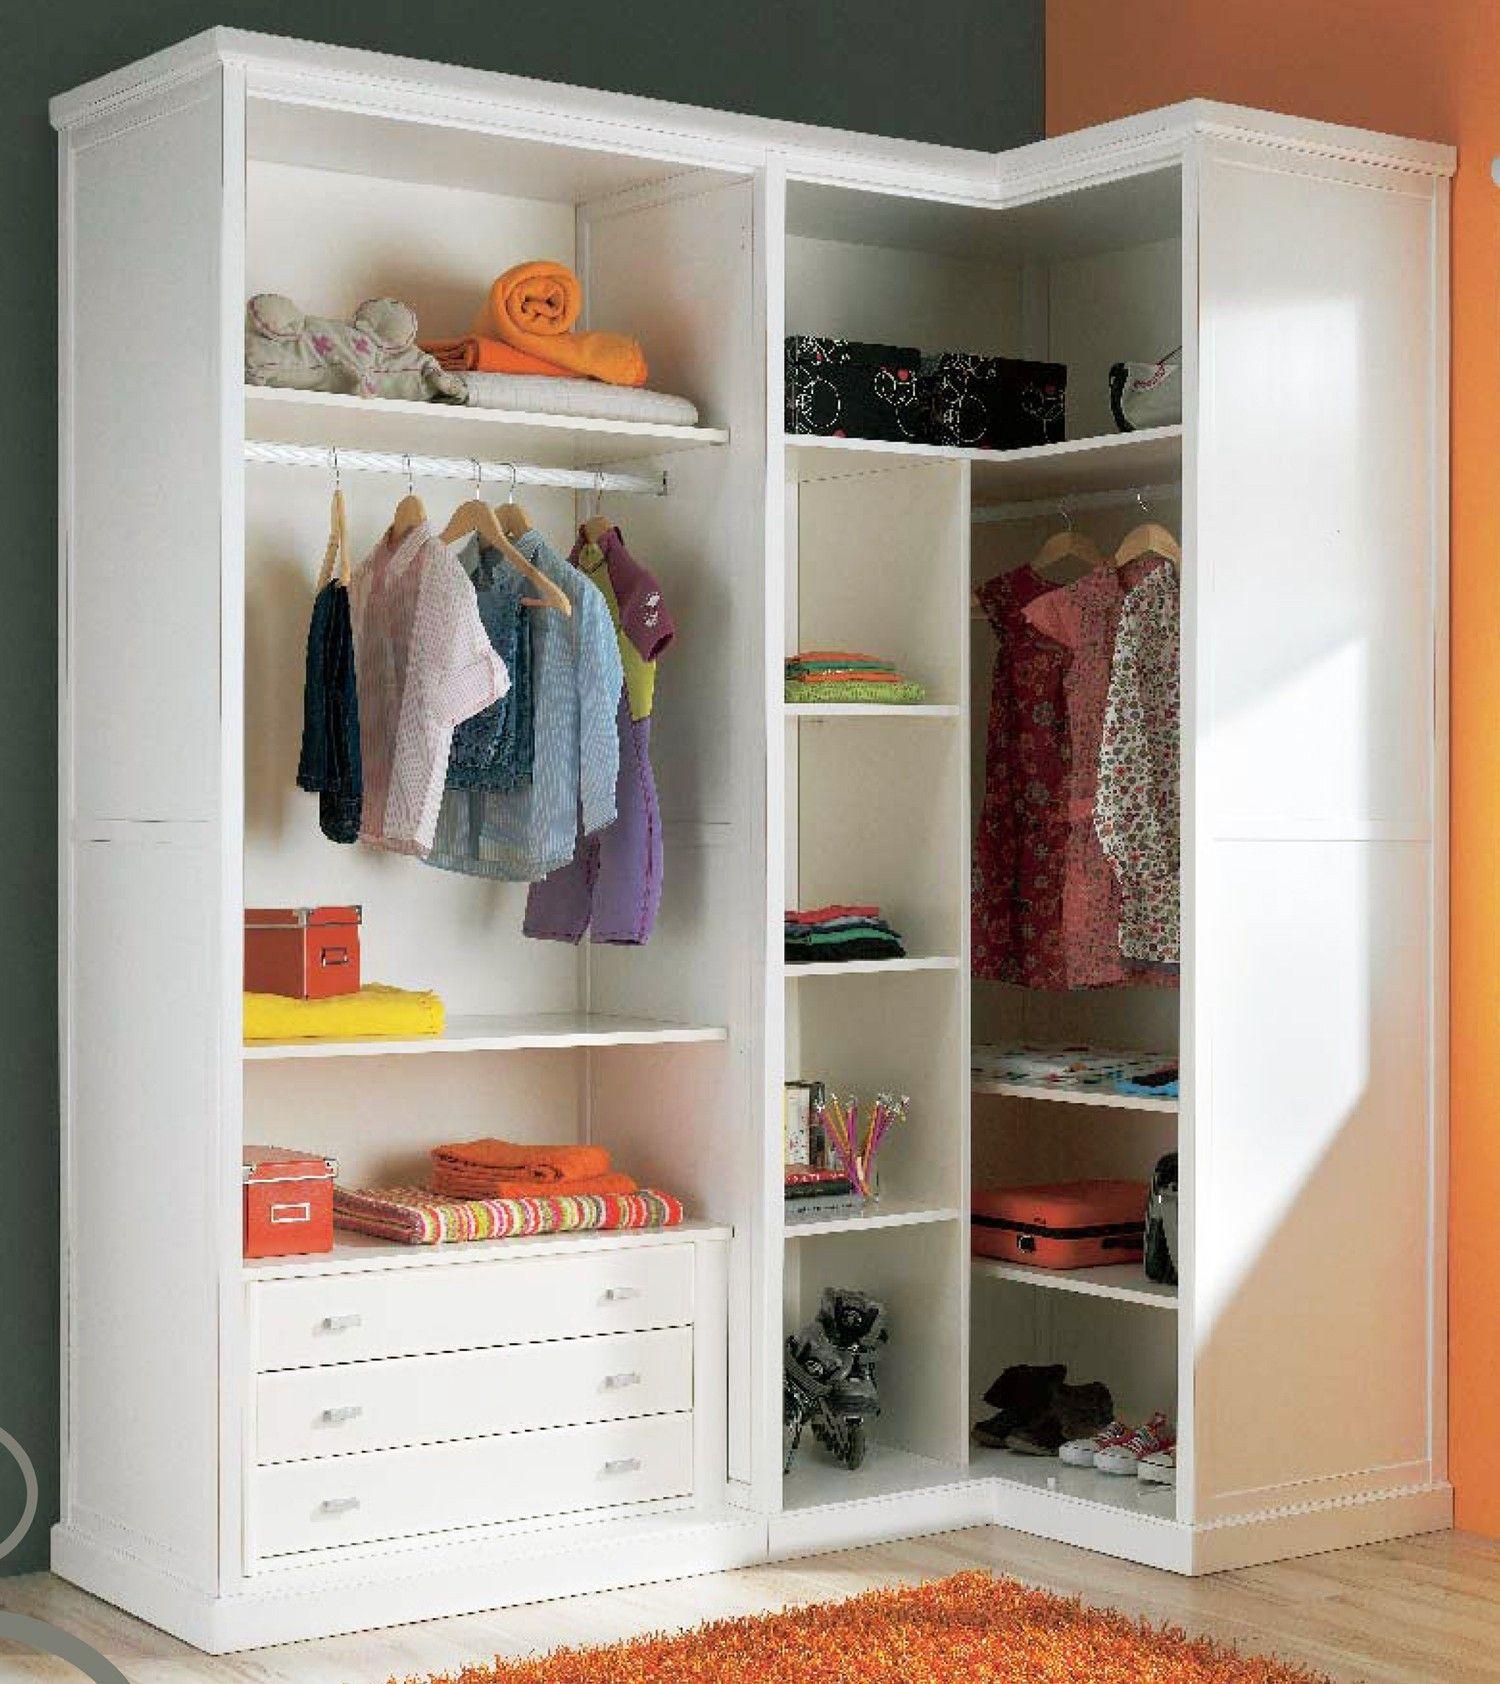 Muebles de dormitorio juvenil cama nido compacto - haya | Cozy